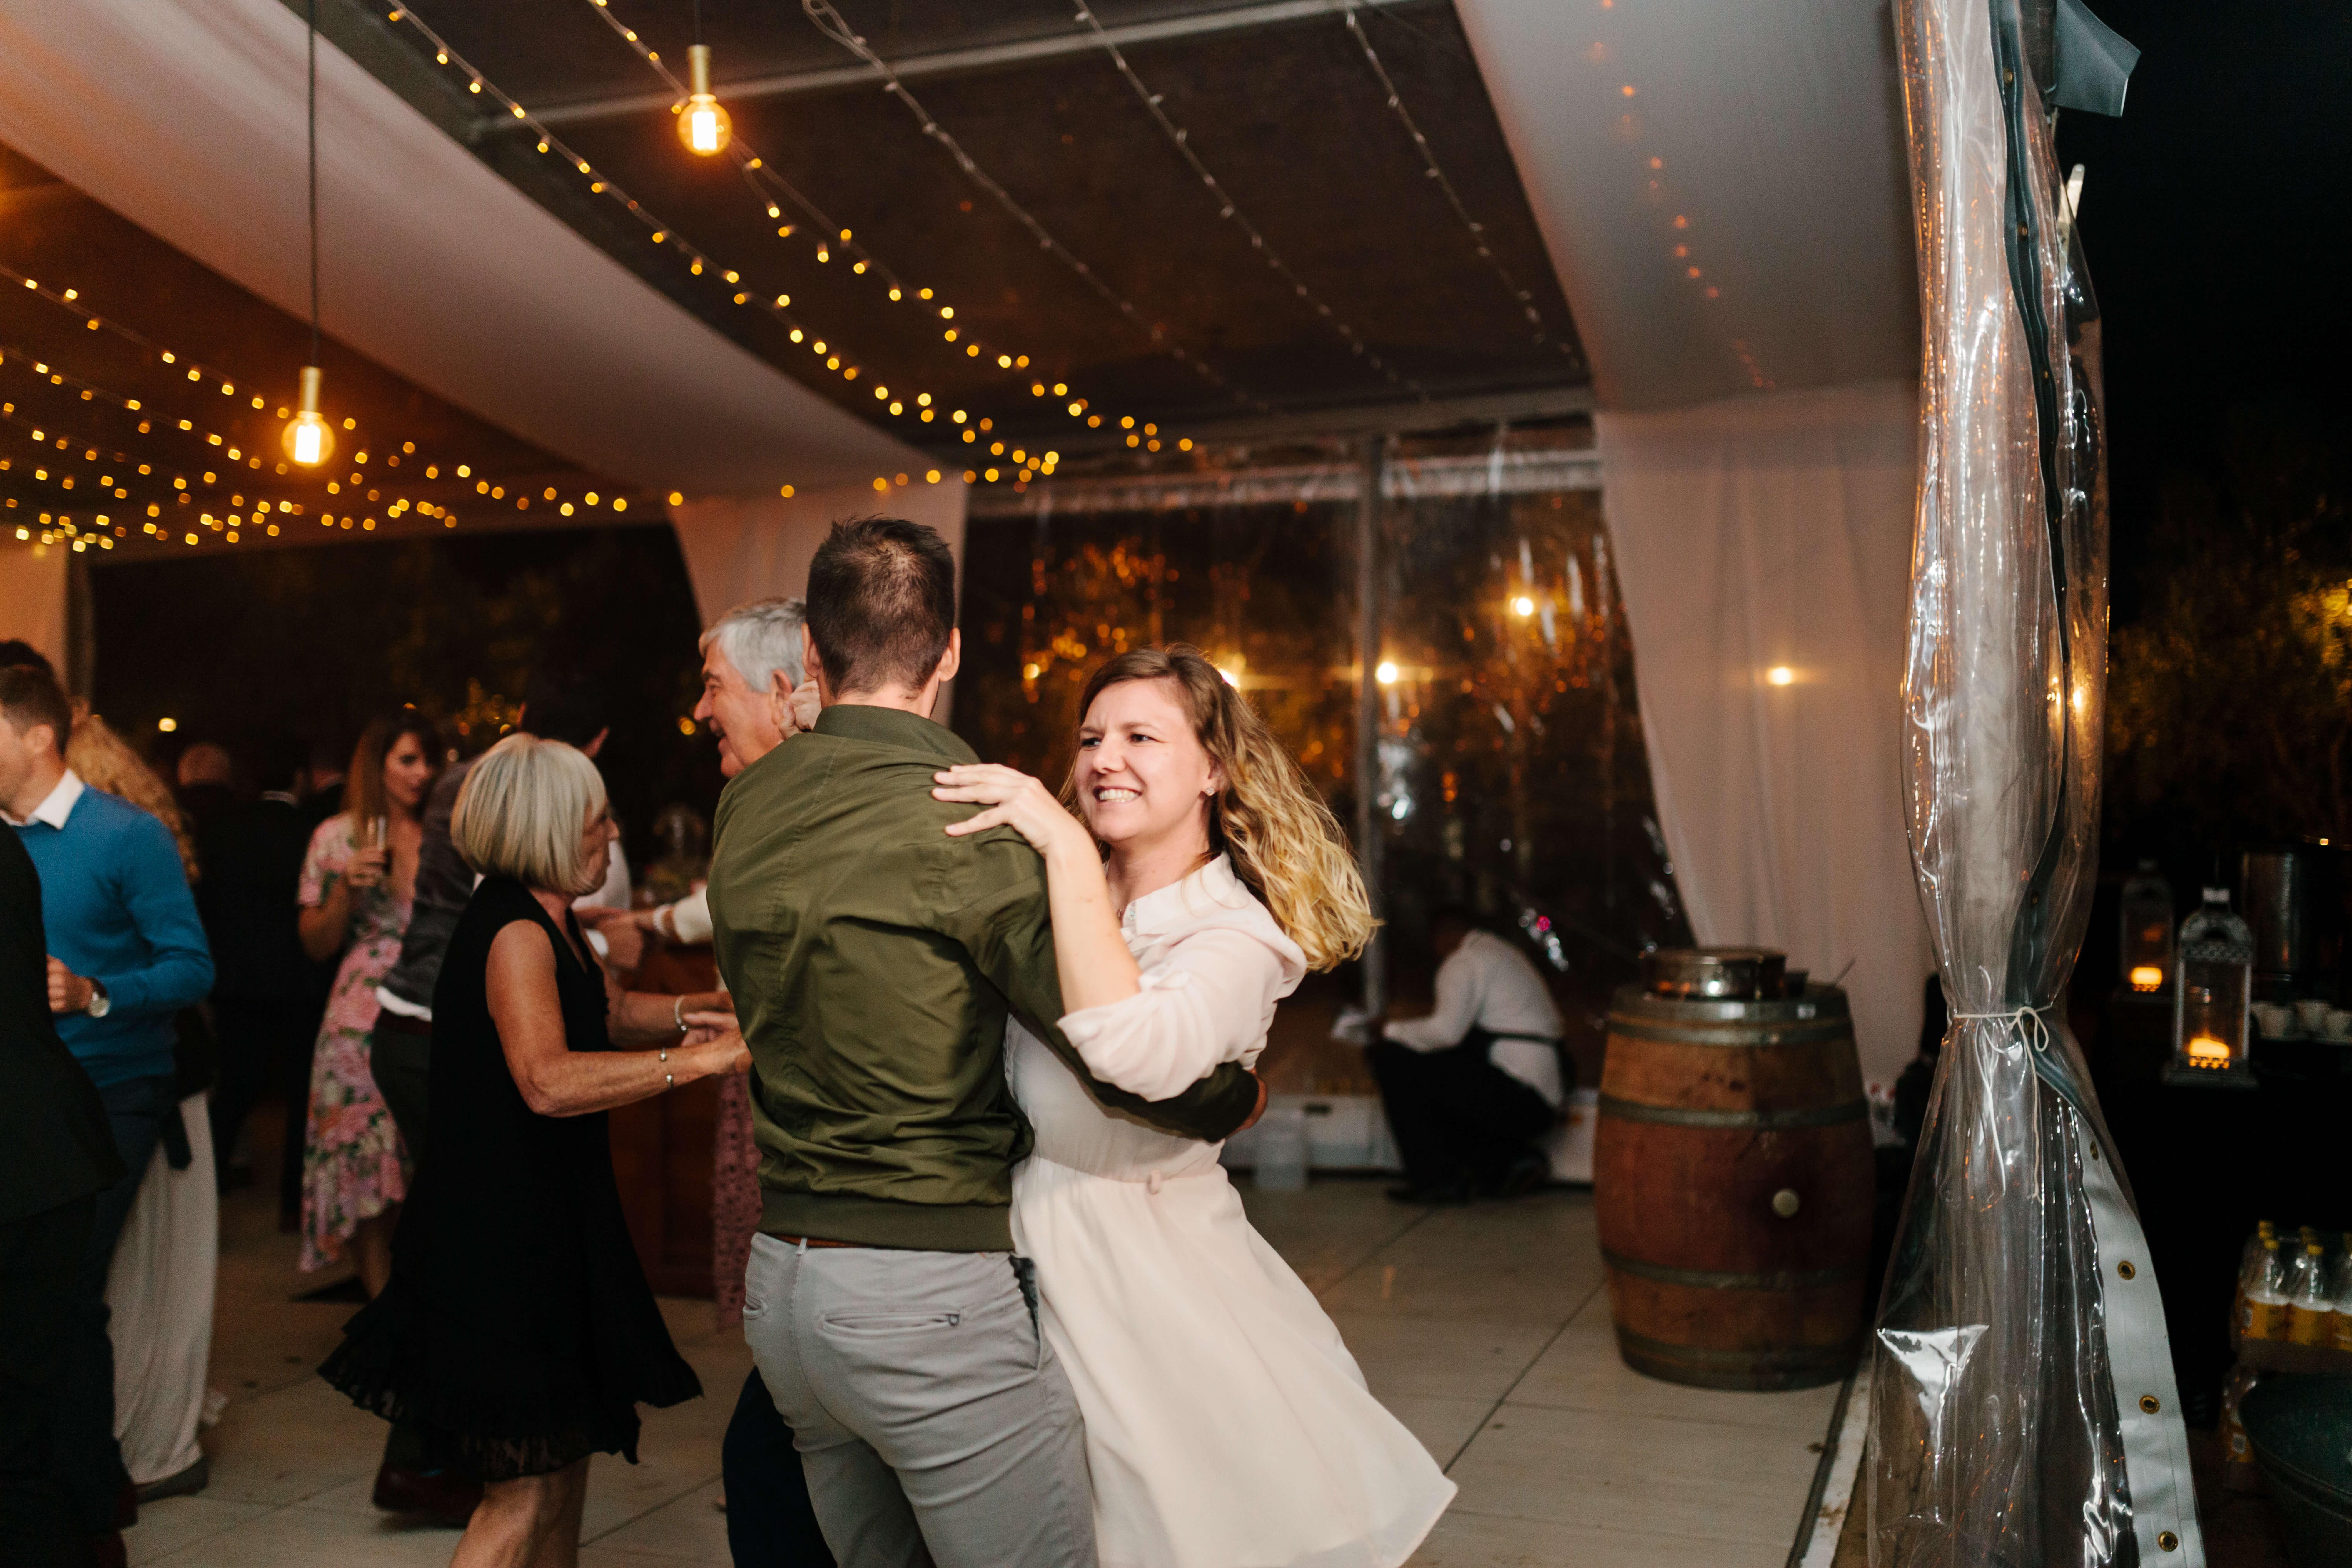 A short man and woman dancing on a Stellenbosch wedding dance floor.